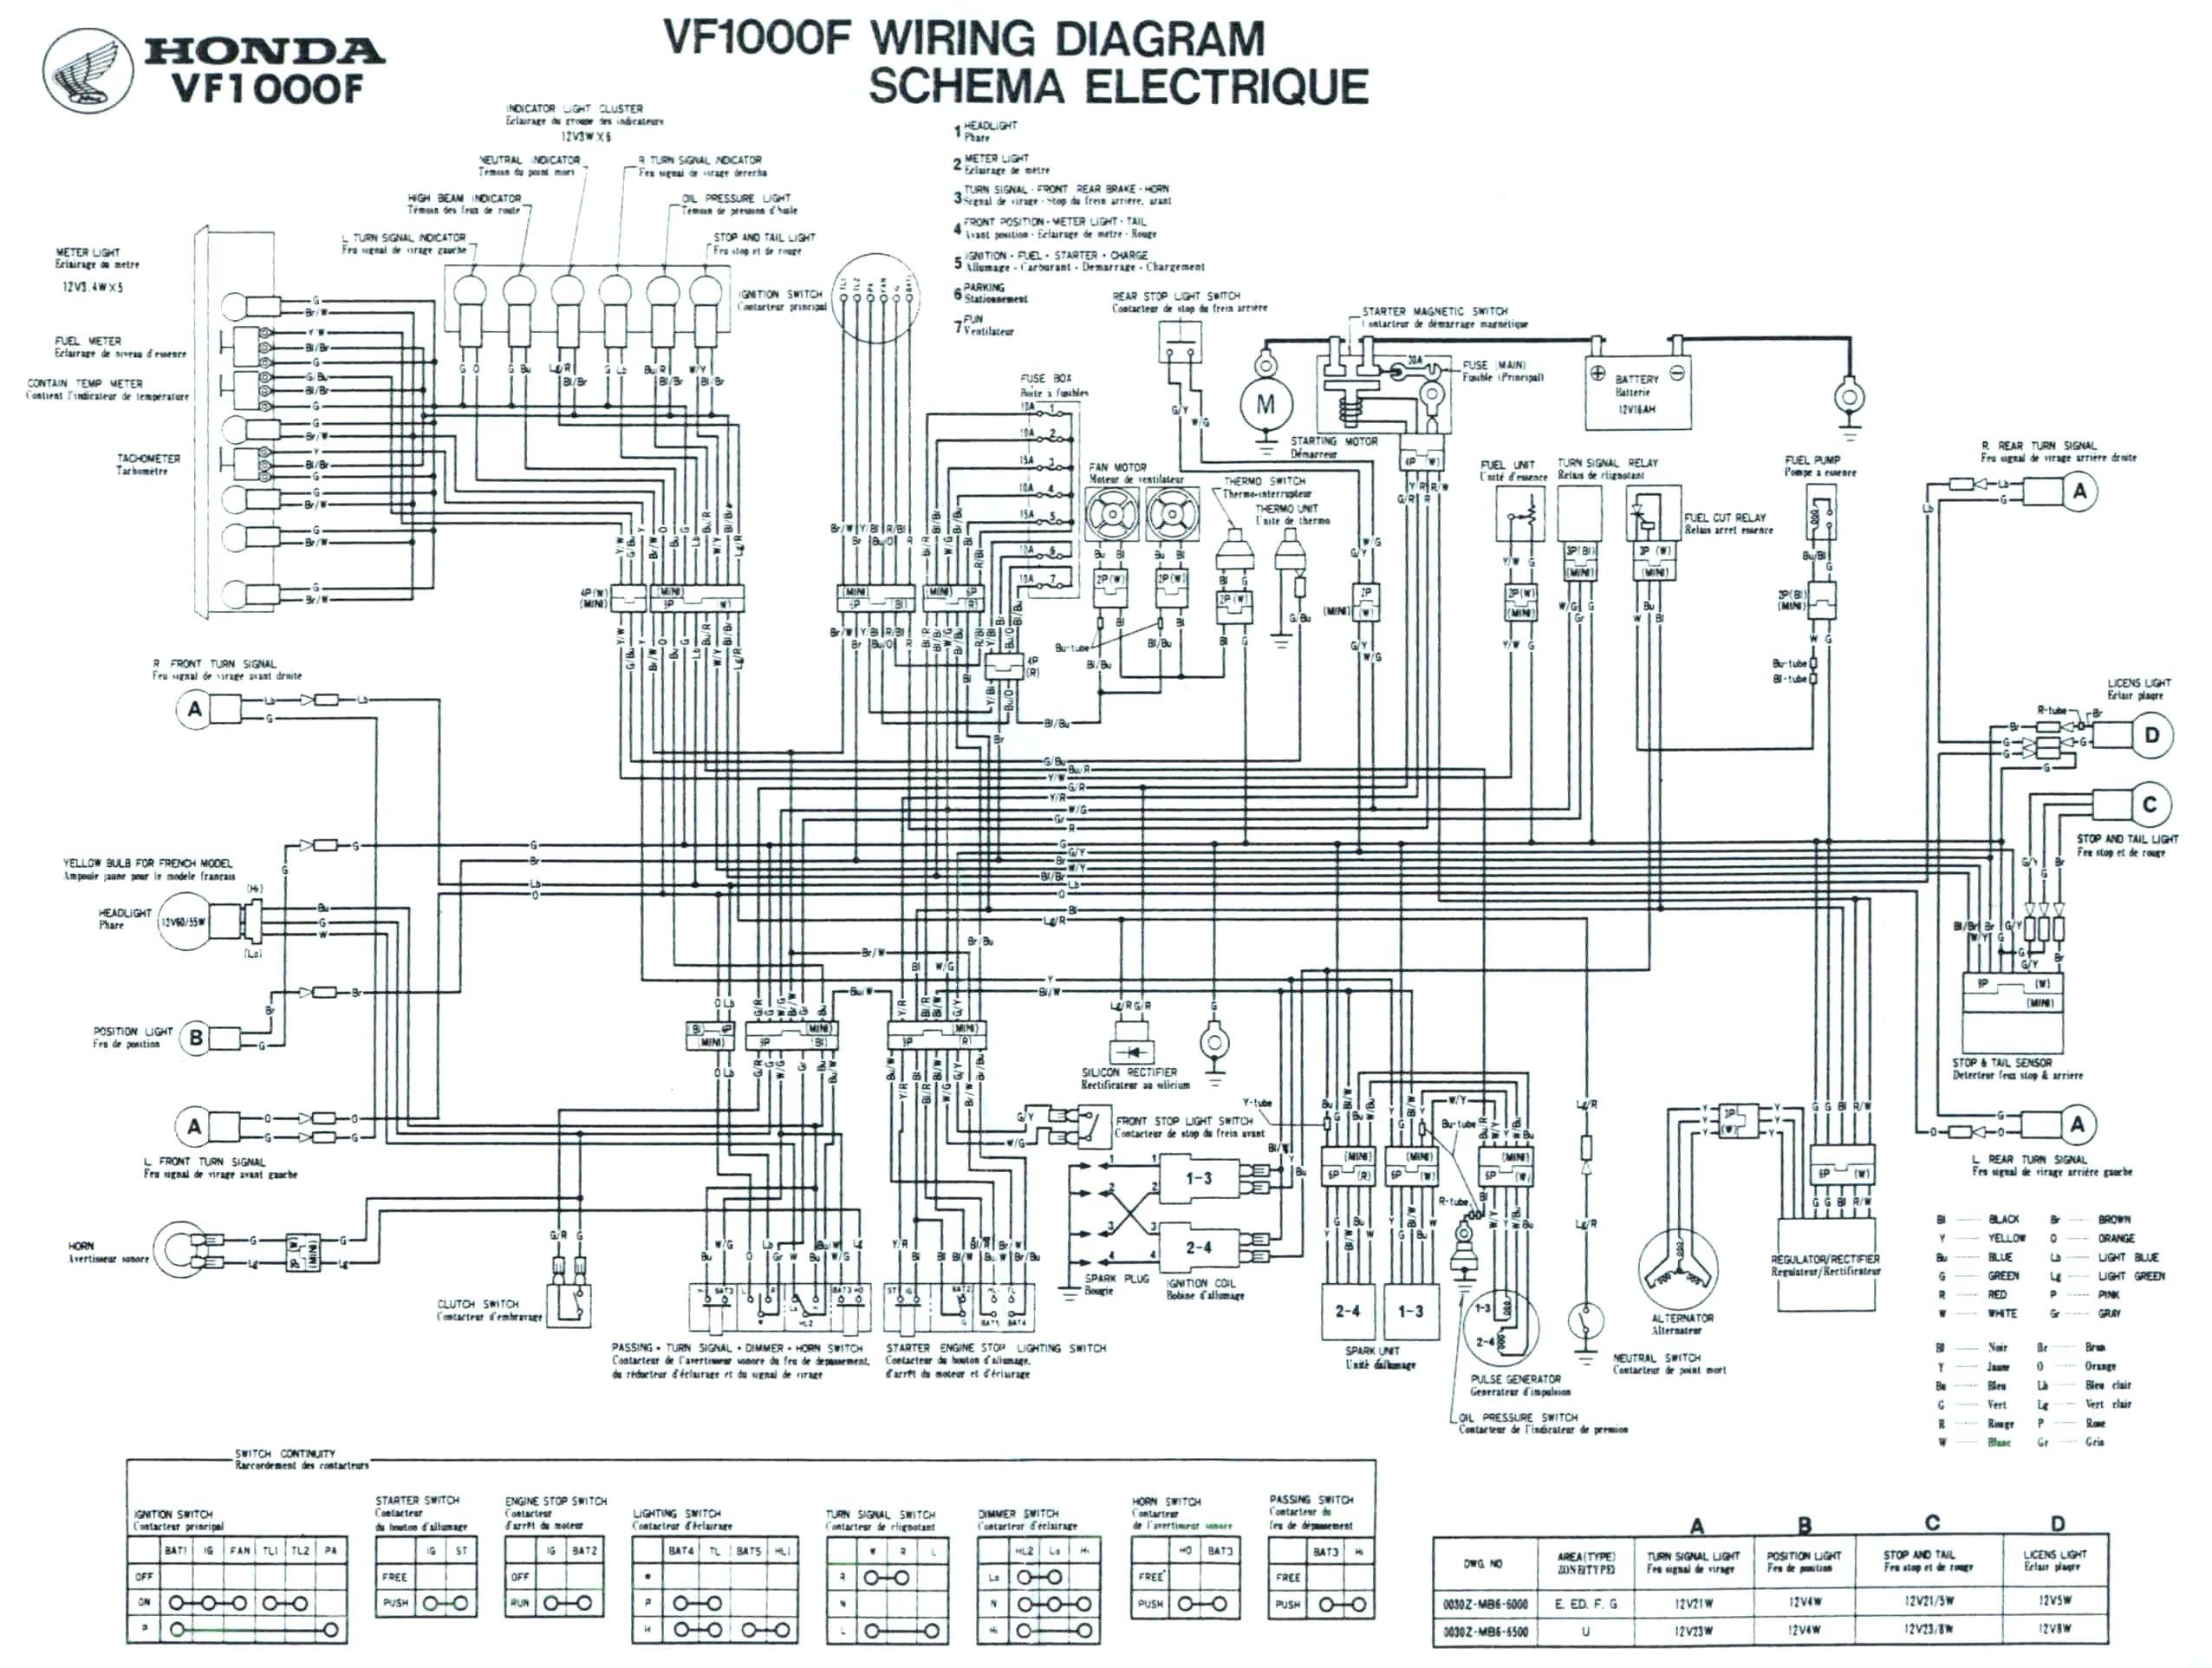 [DIAGRAM] X1 Pocket Bike Electrical Diagram Manual FULL